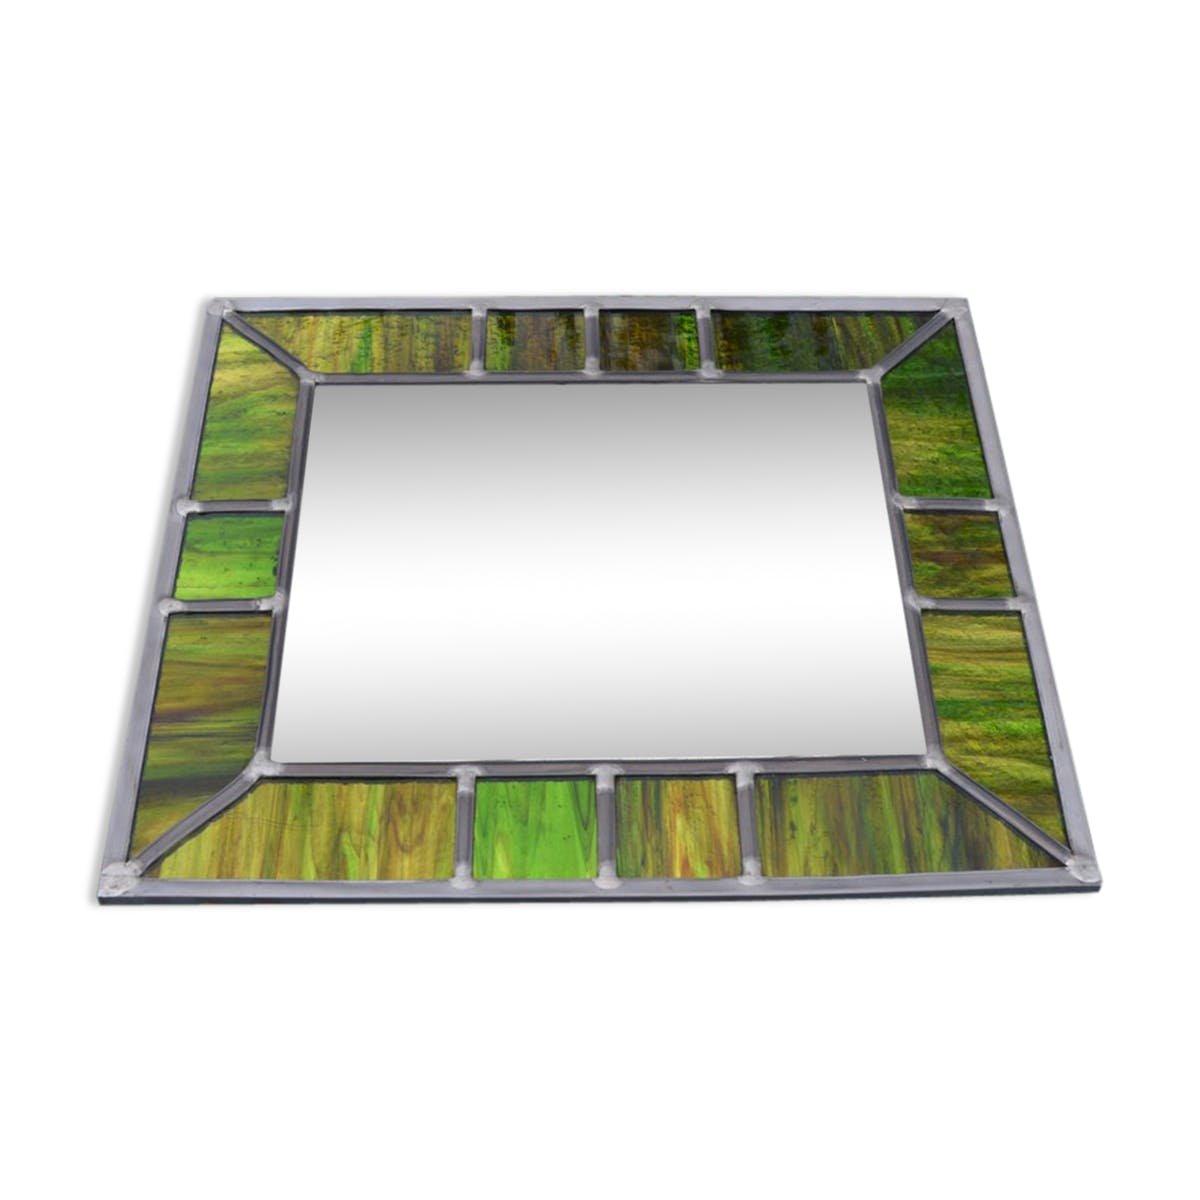 vintage spiegel mit leuchtendem gr nen glas rahmen bei pamono kaufen. Black Bedroom Furniture Sets. Home Design Ideas